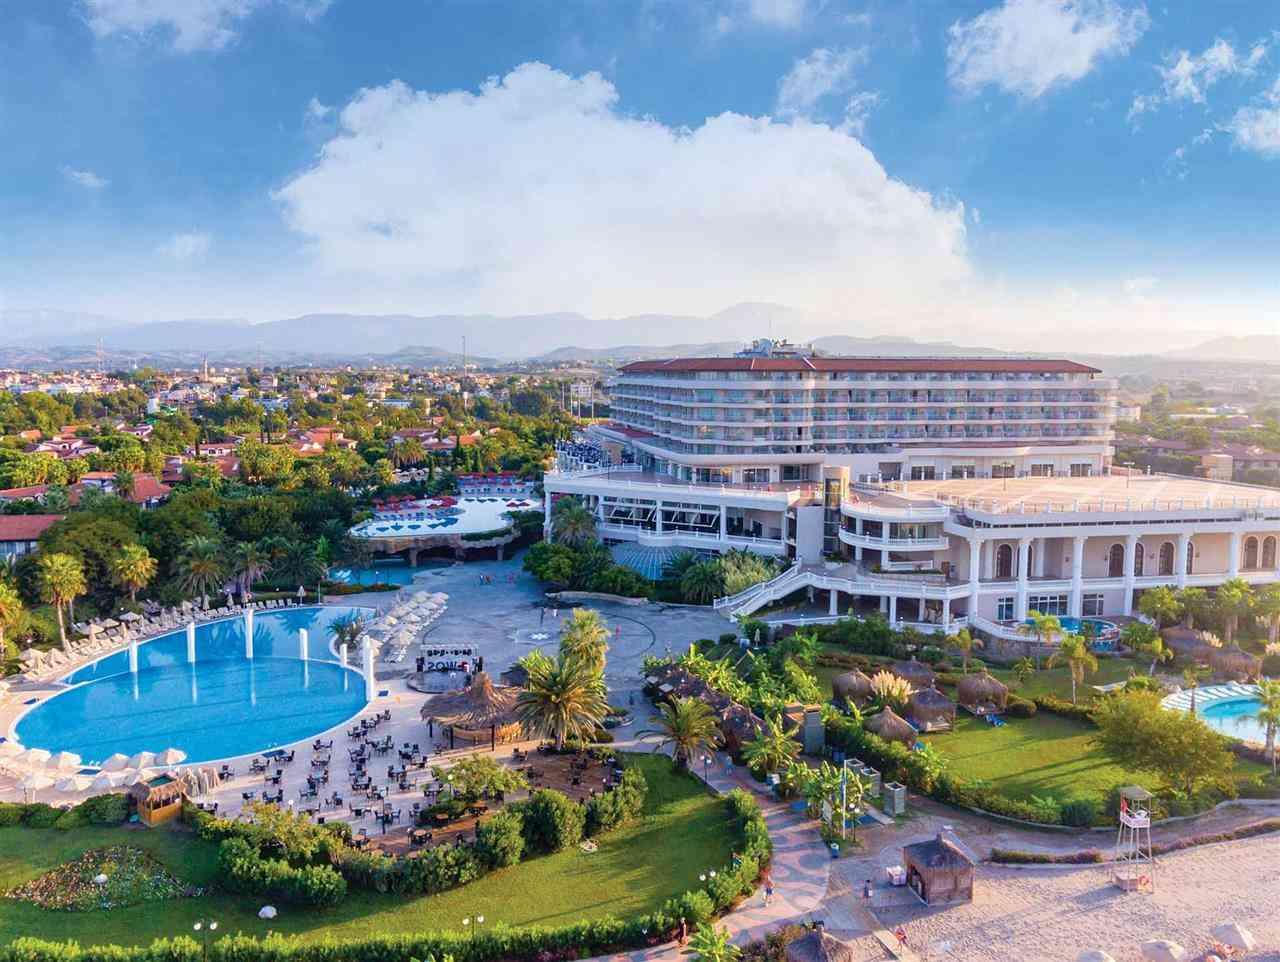 Starlight Resort Hotel